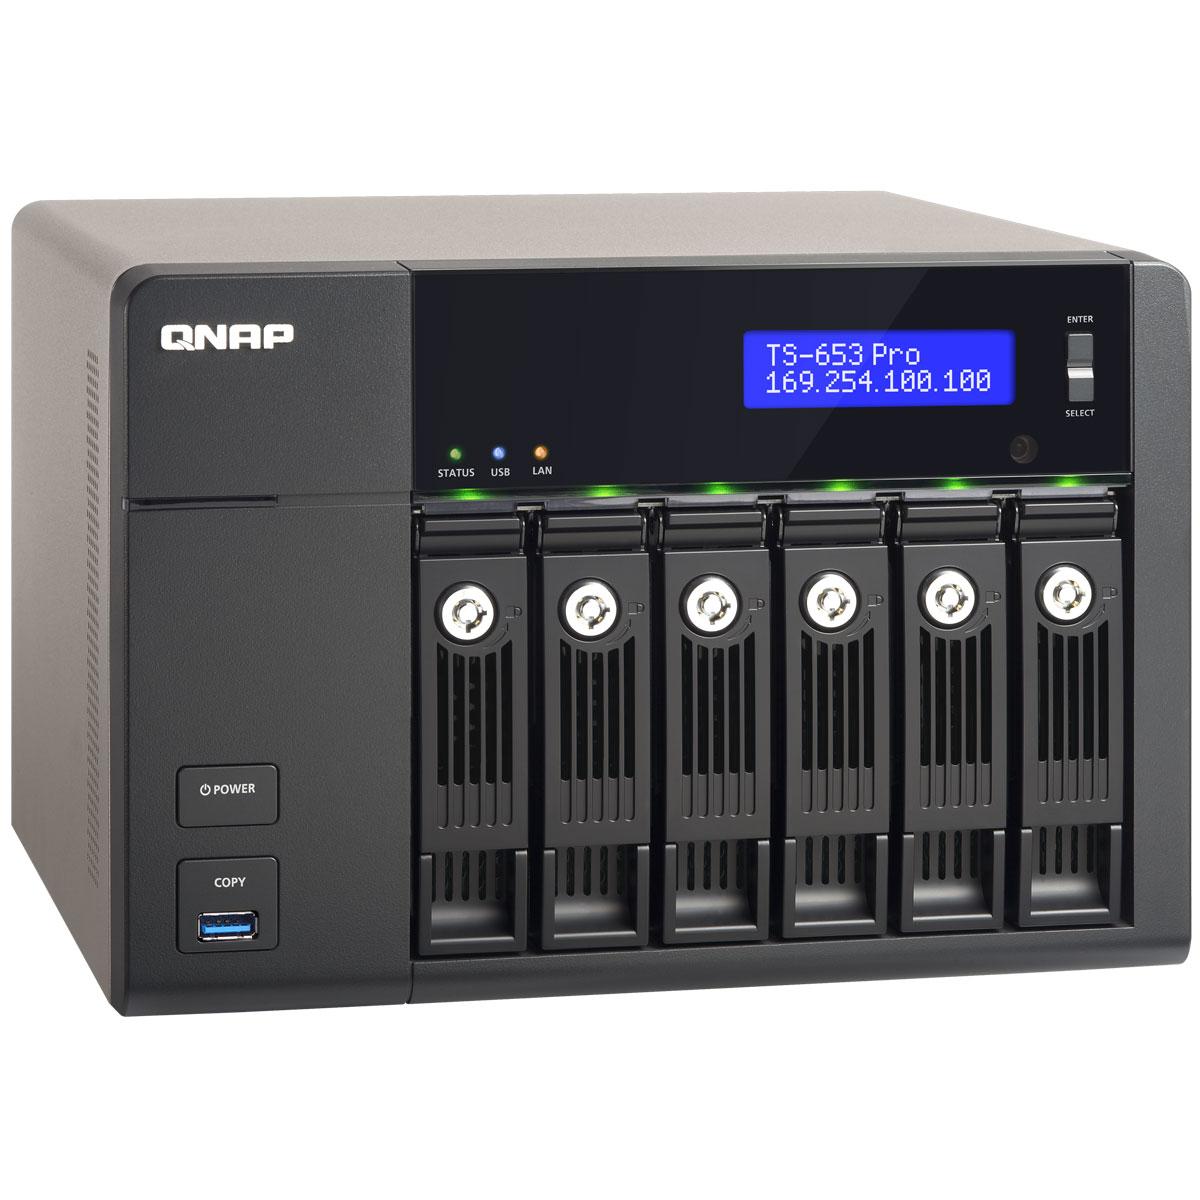 QNAP TS-653 Pro сетевой RAID-накопительTS-653 ProQNAP TS-653 Pro – это высокопроизводительный сетевой накопитель с большой емкостью хранения для дома, малого офиса и рабочих групп. Оснащенное операционной системой QTS для сетевых накопителей QNAP, устройство идеально подойдет для резервного копирования данных, синхронизации файлов, безопасного удаленного доступа, организации медиабиблиотеки, а также надежного личного облака. Рабочий стол QTS 4.0, включающий в себя основное меню, графическую панель мониторинга, пиктограммы с возможностью перетаскивания, несколько рабочих столов, персонализированные обои и «умную» панель инструментов, значительно облегчает выполнение системных операций. Поддержка мультизадачности позволяет одновременно держать открытыми несколько окон, работая параллельно с различными приложениями. QNAP TS-653 Pro обеспечивает постоянную доступность ваших данных в персональном «облаке», подключиться к которому можно через любой веб-браузер или бесплатное приложение для планшетов...